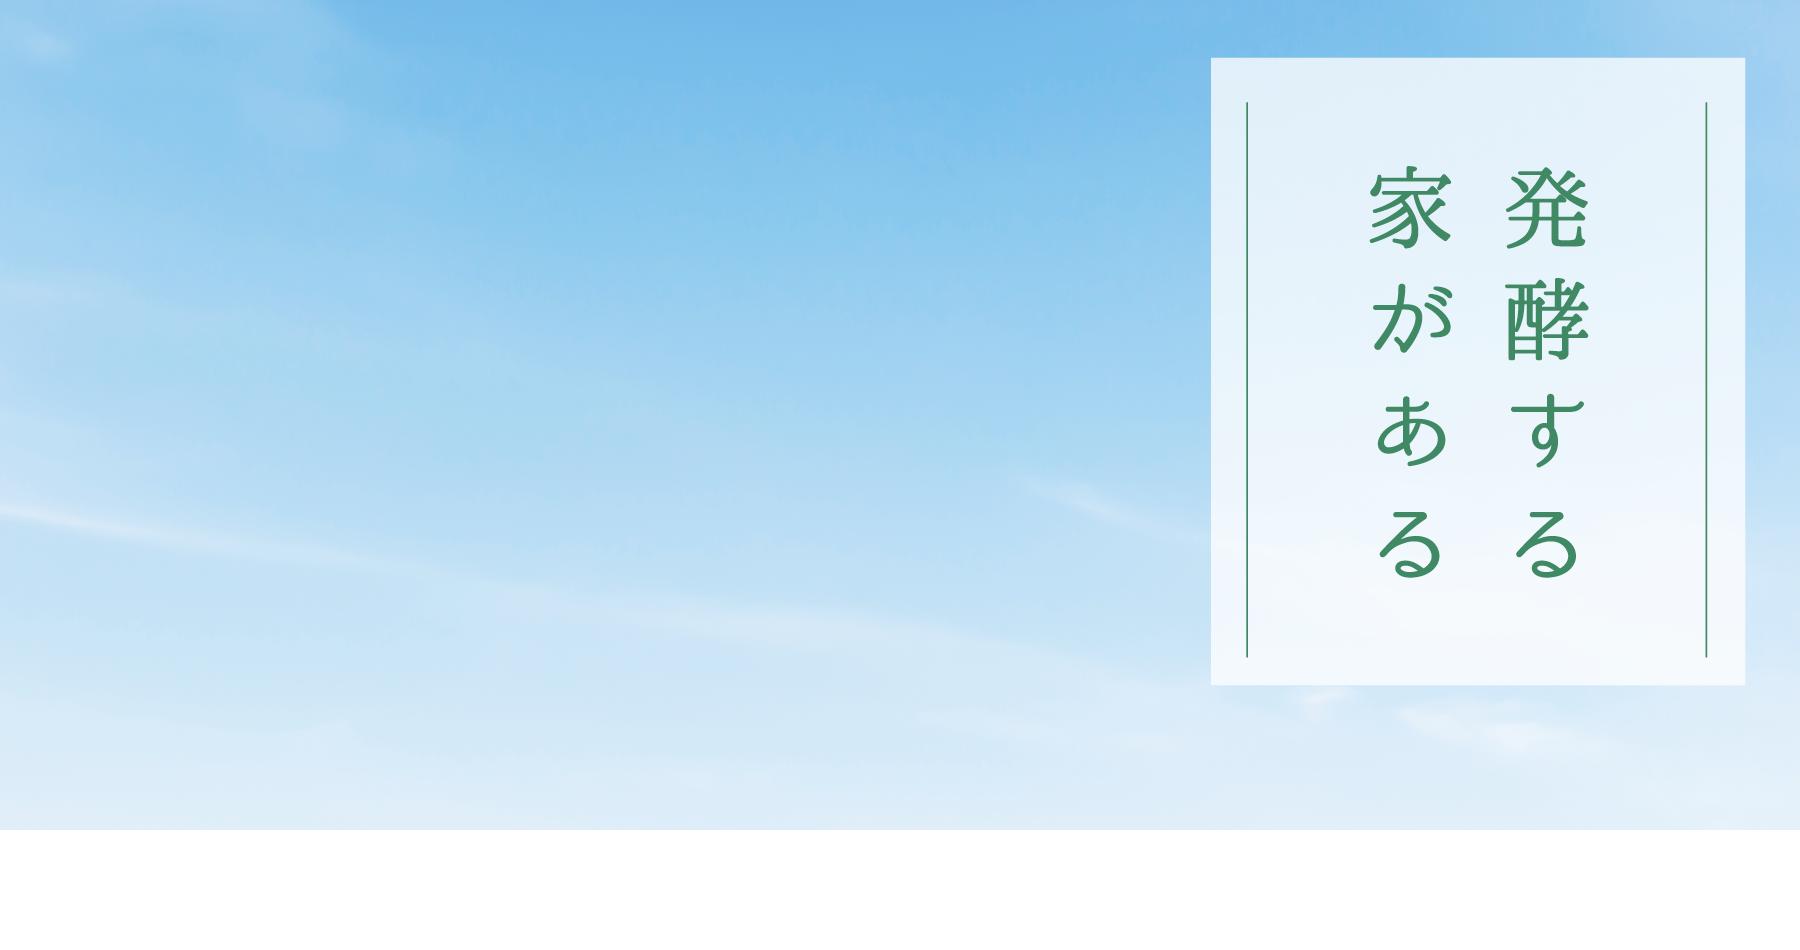 タケモリ一級建築設計事務所 | ビオハウジング | 化学物質過敏症・アレルギー・シックハウスを改善する健康住宅の施工実例イメージ